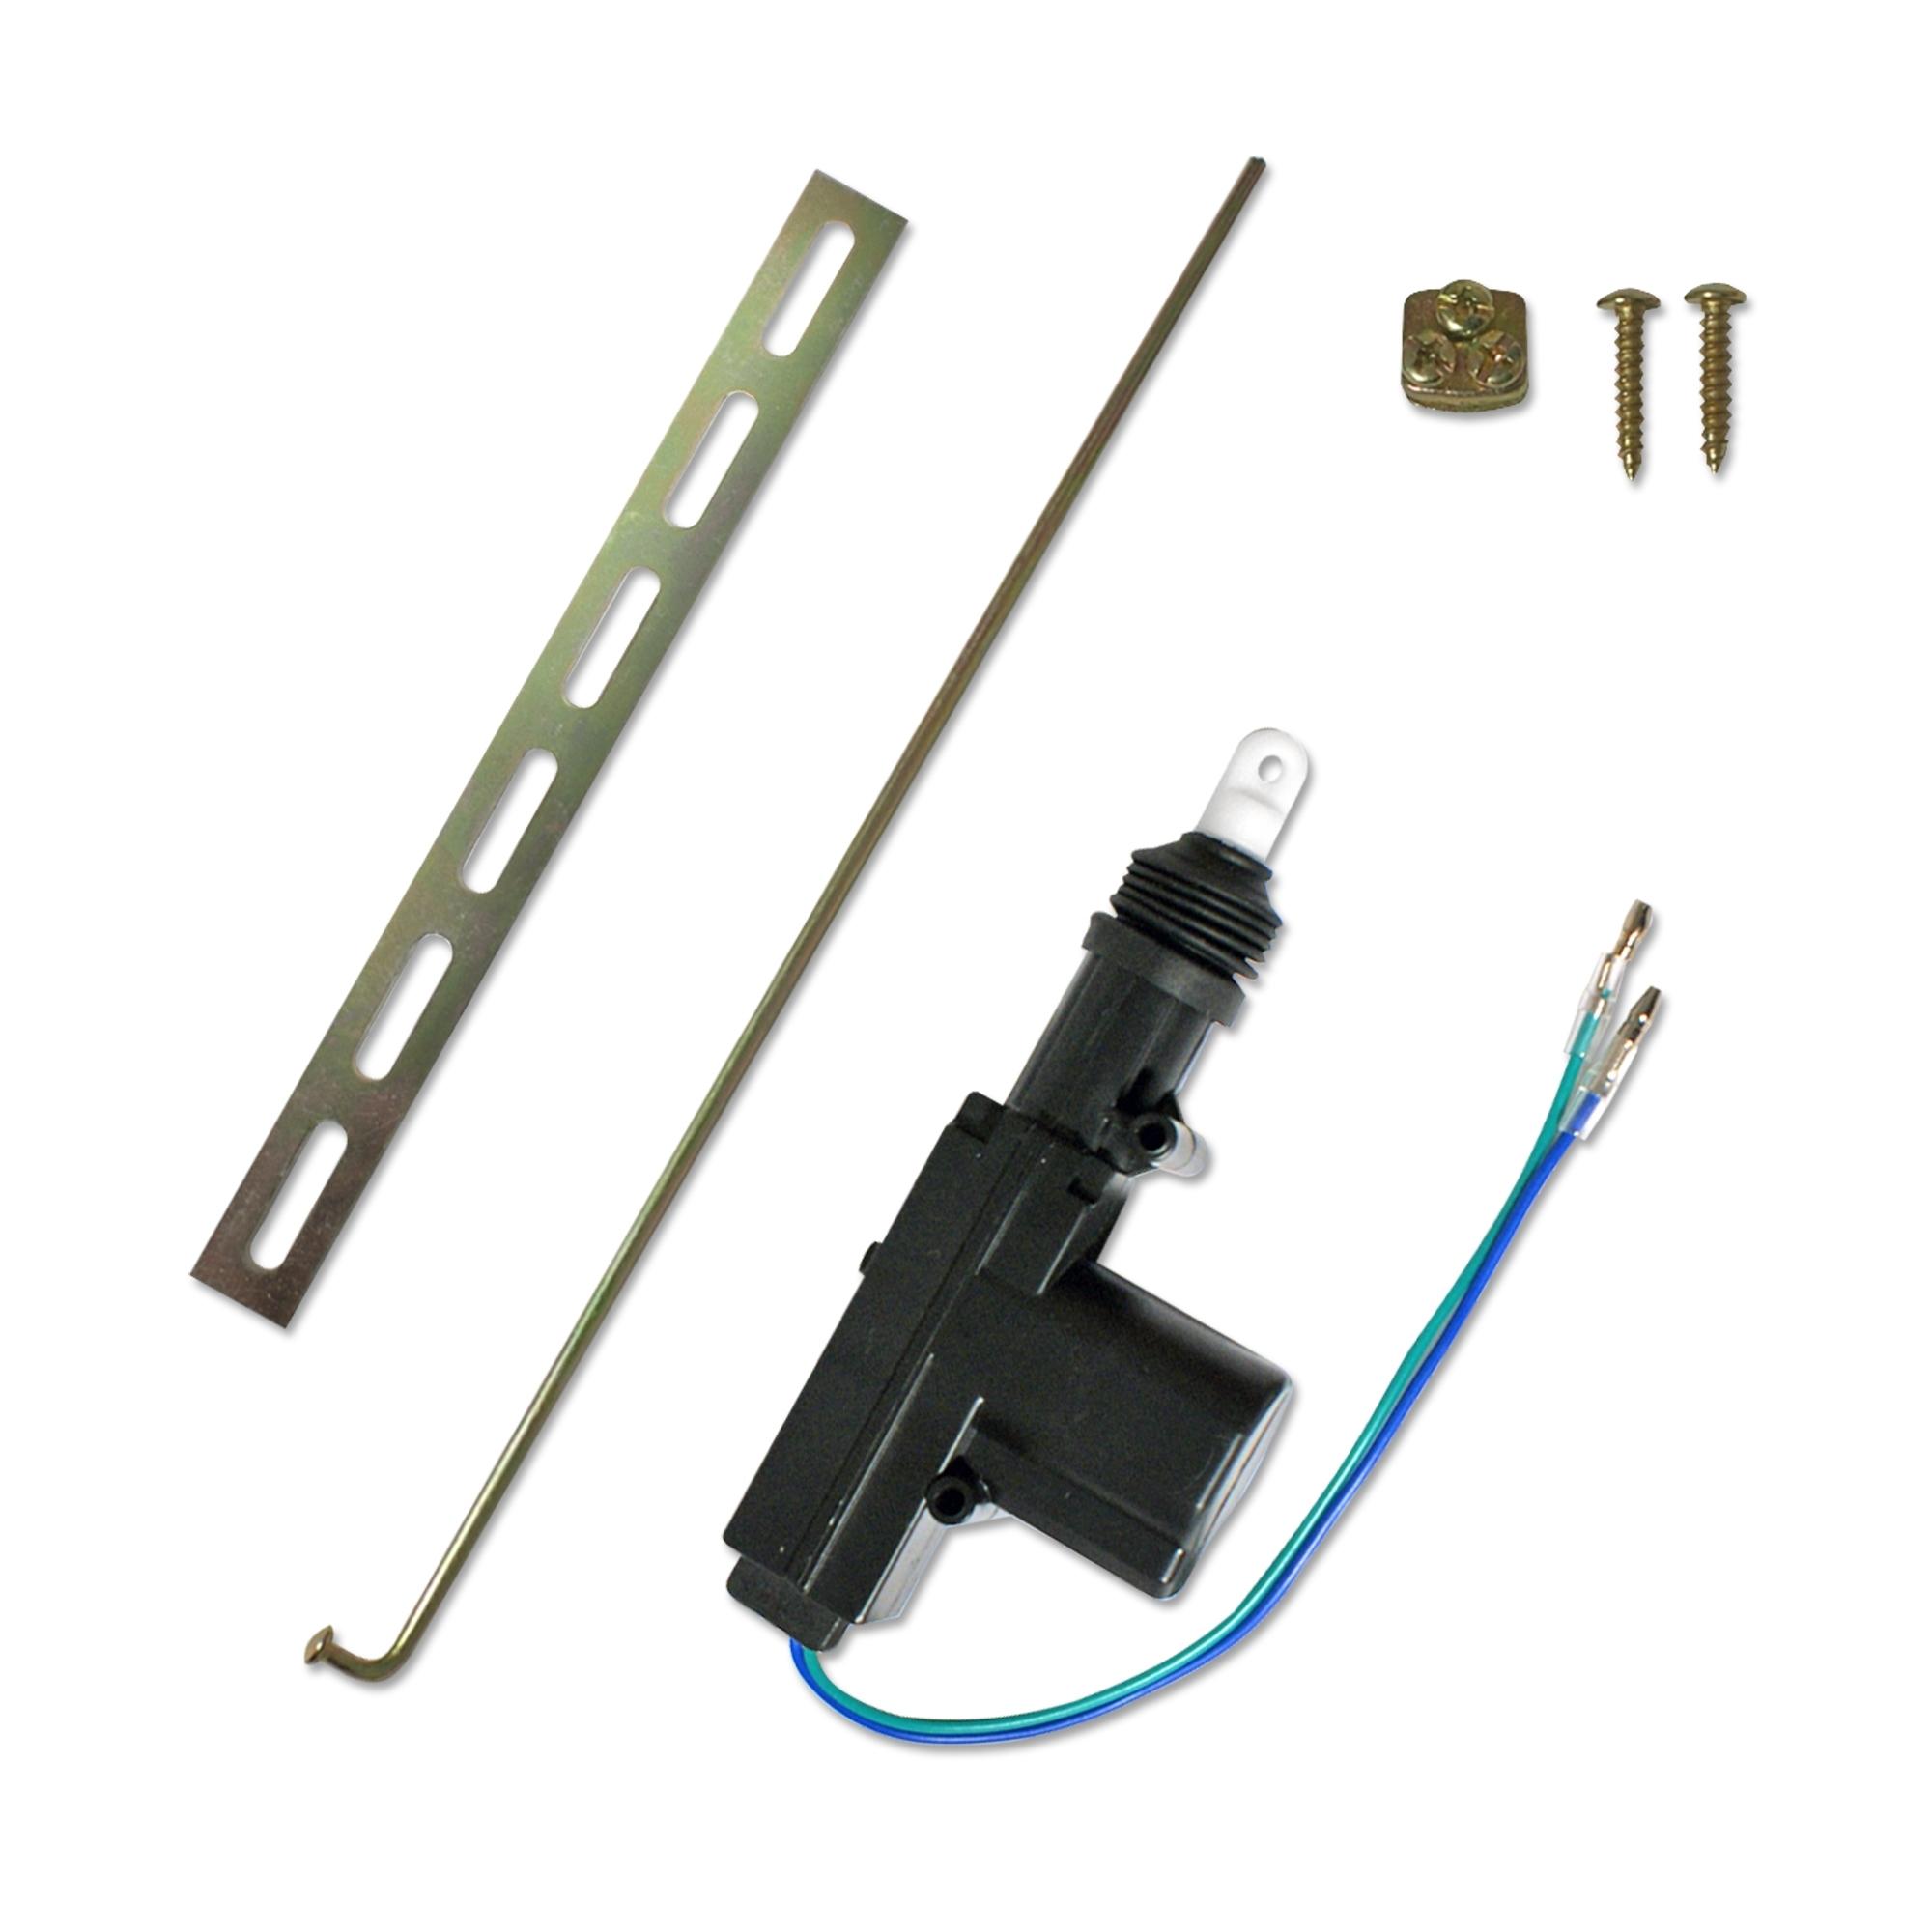 Stellmotor, 2-polig, als Ersatz, Ergänzung oder Kofferraum ...